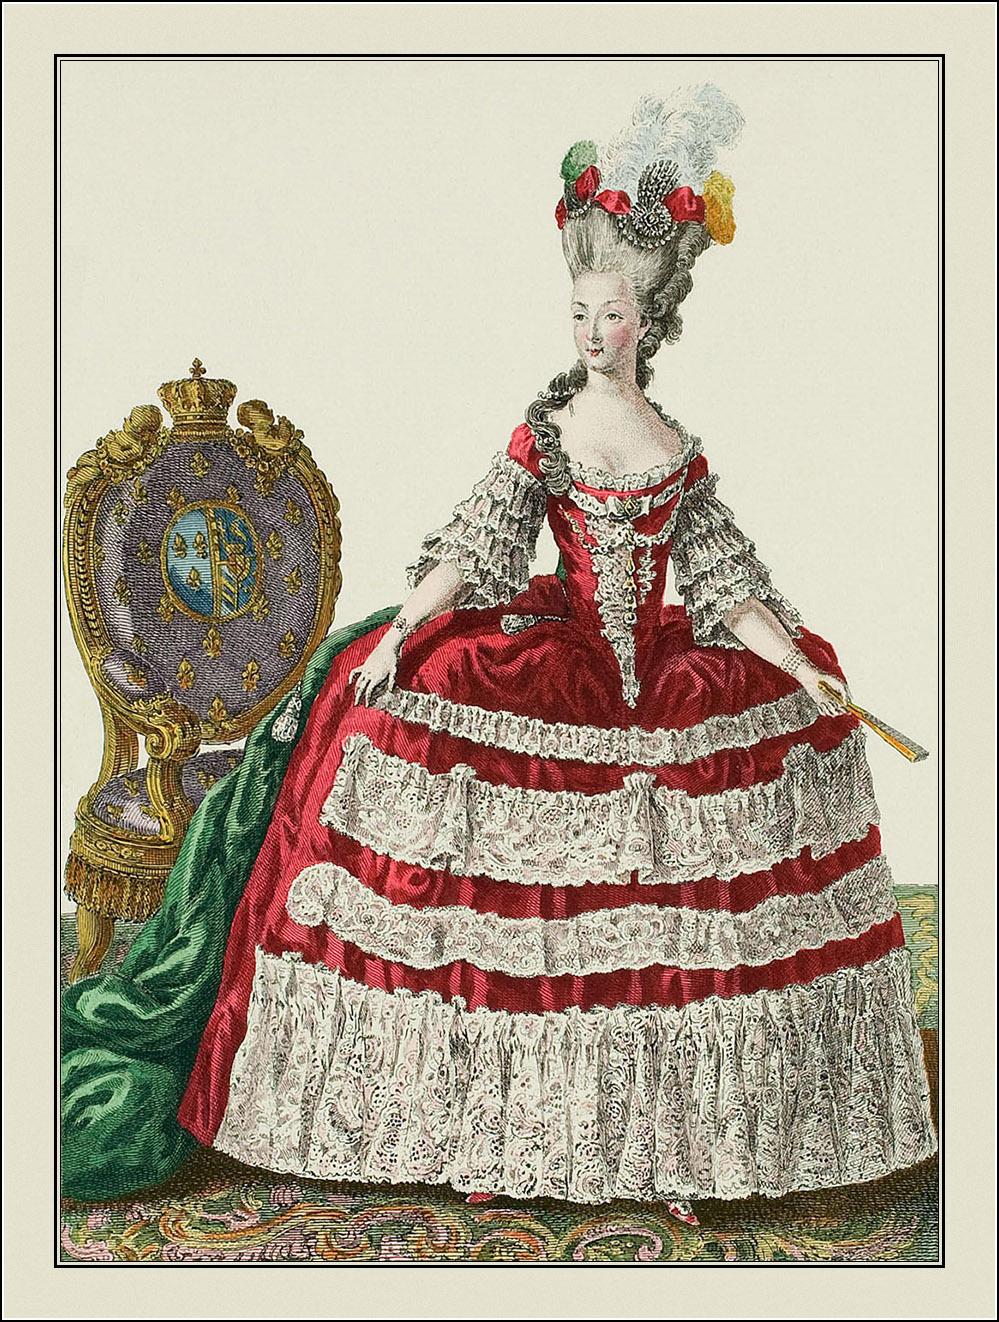 Galerie des modes et costumes français 1778-1787